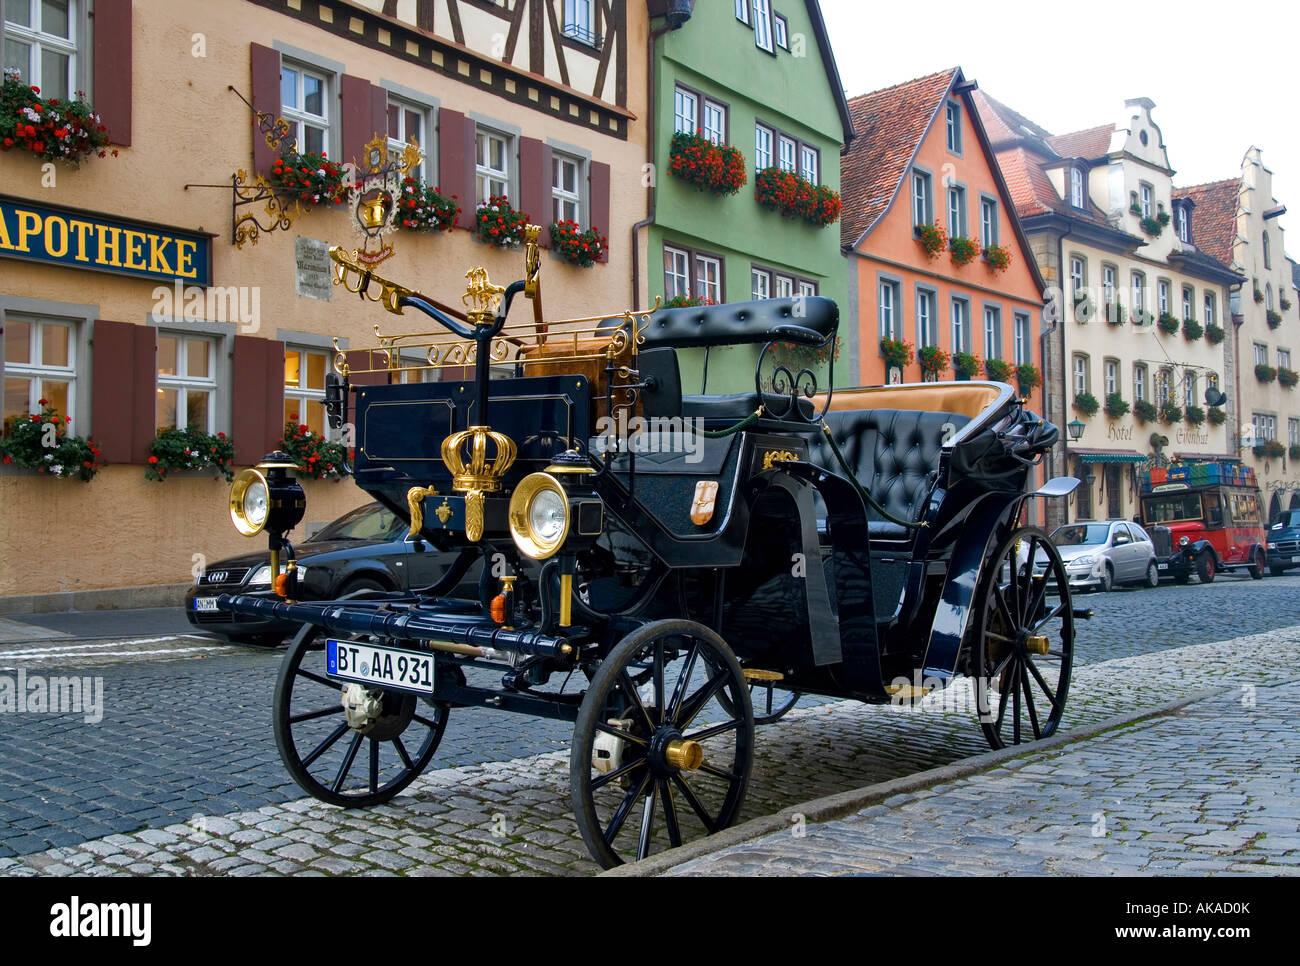 Oldtimer in der Berühmten Galgengasse in Rothenburg Ob der Tauber Oldtimer in der berühmten Galgen Lane Stockbild